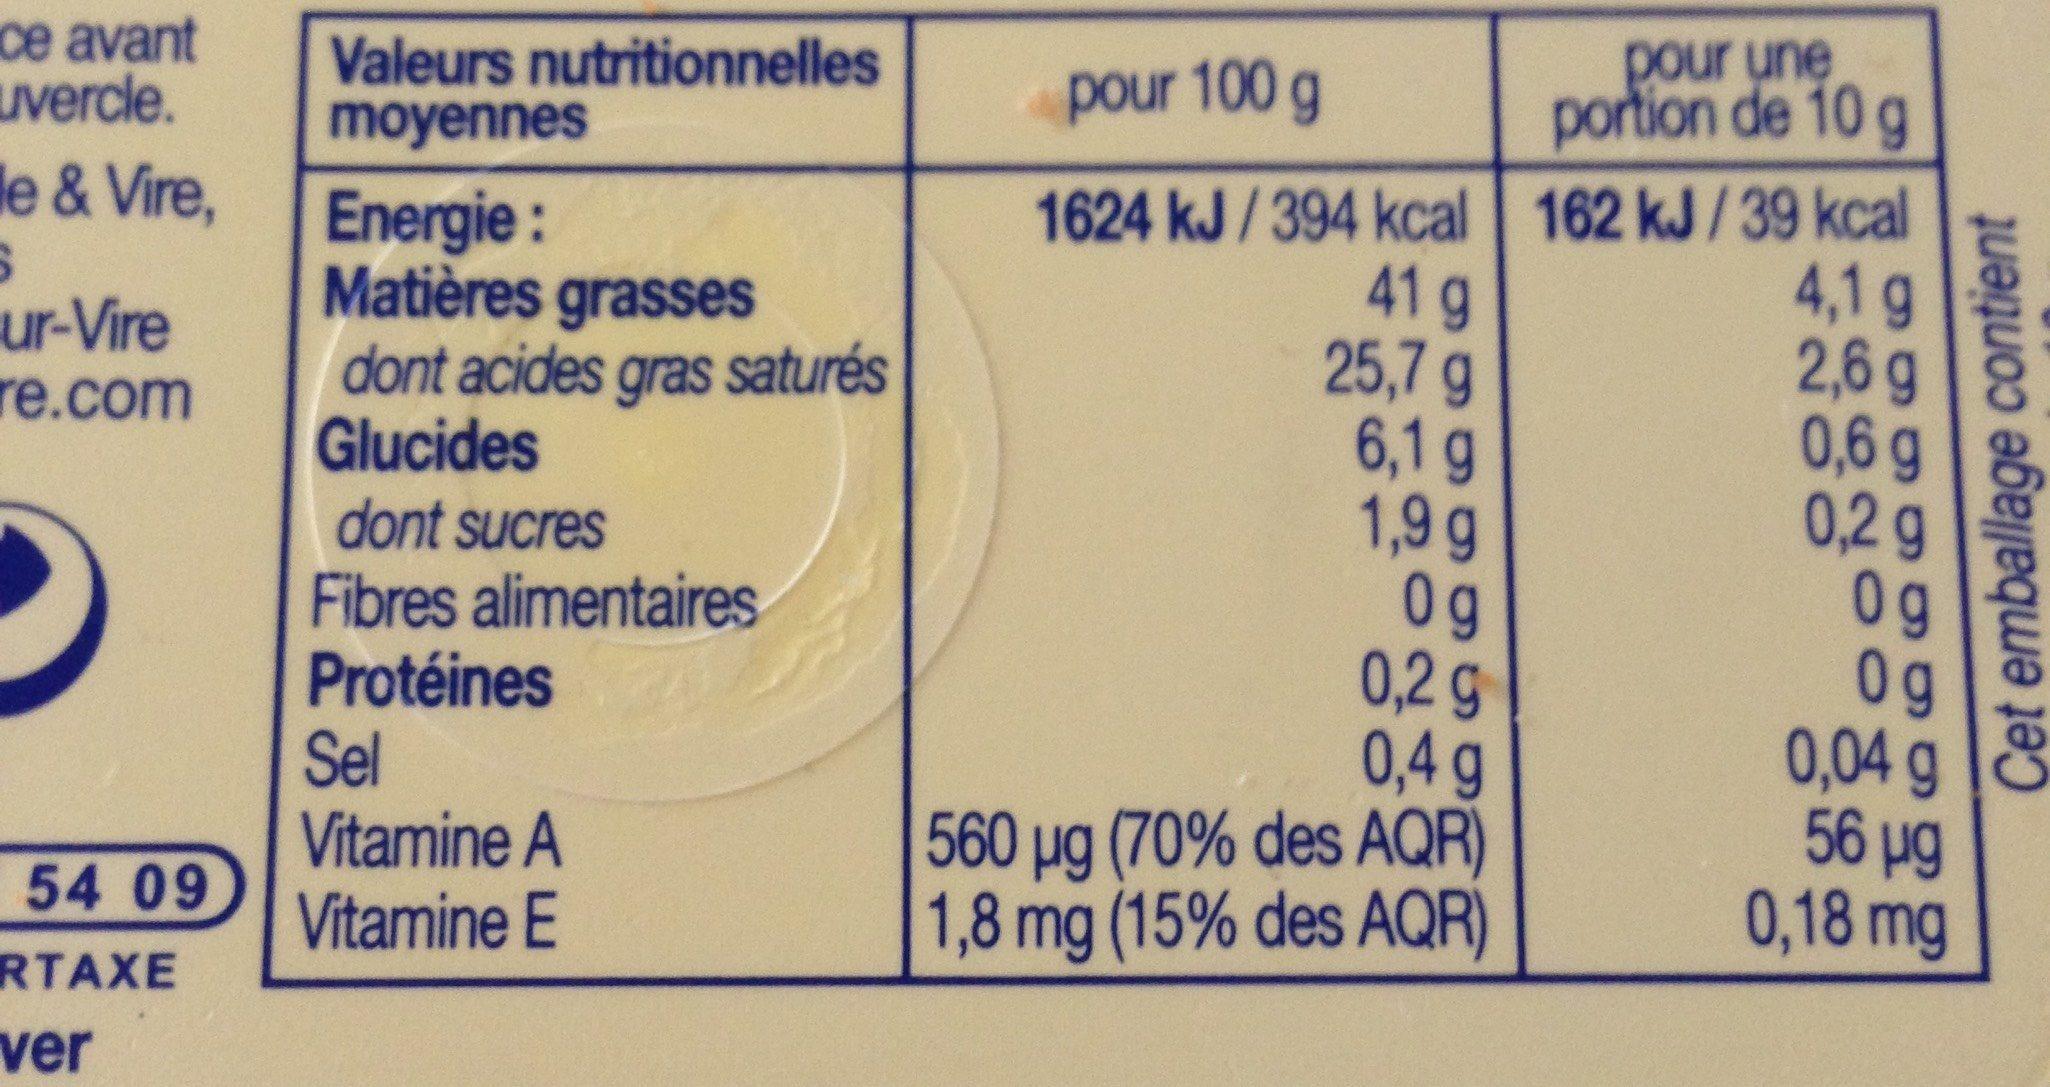 Elle & Vire Le Beurre Léger 41% Cuisson & Tartine - Informations nutritionnelles